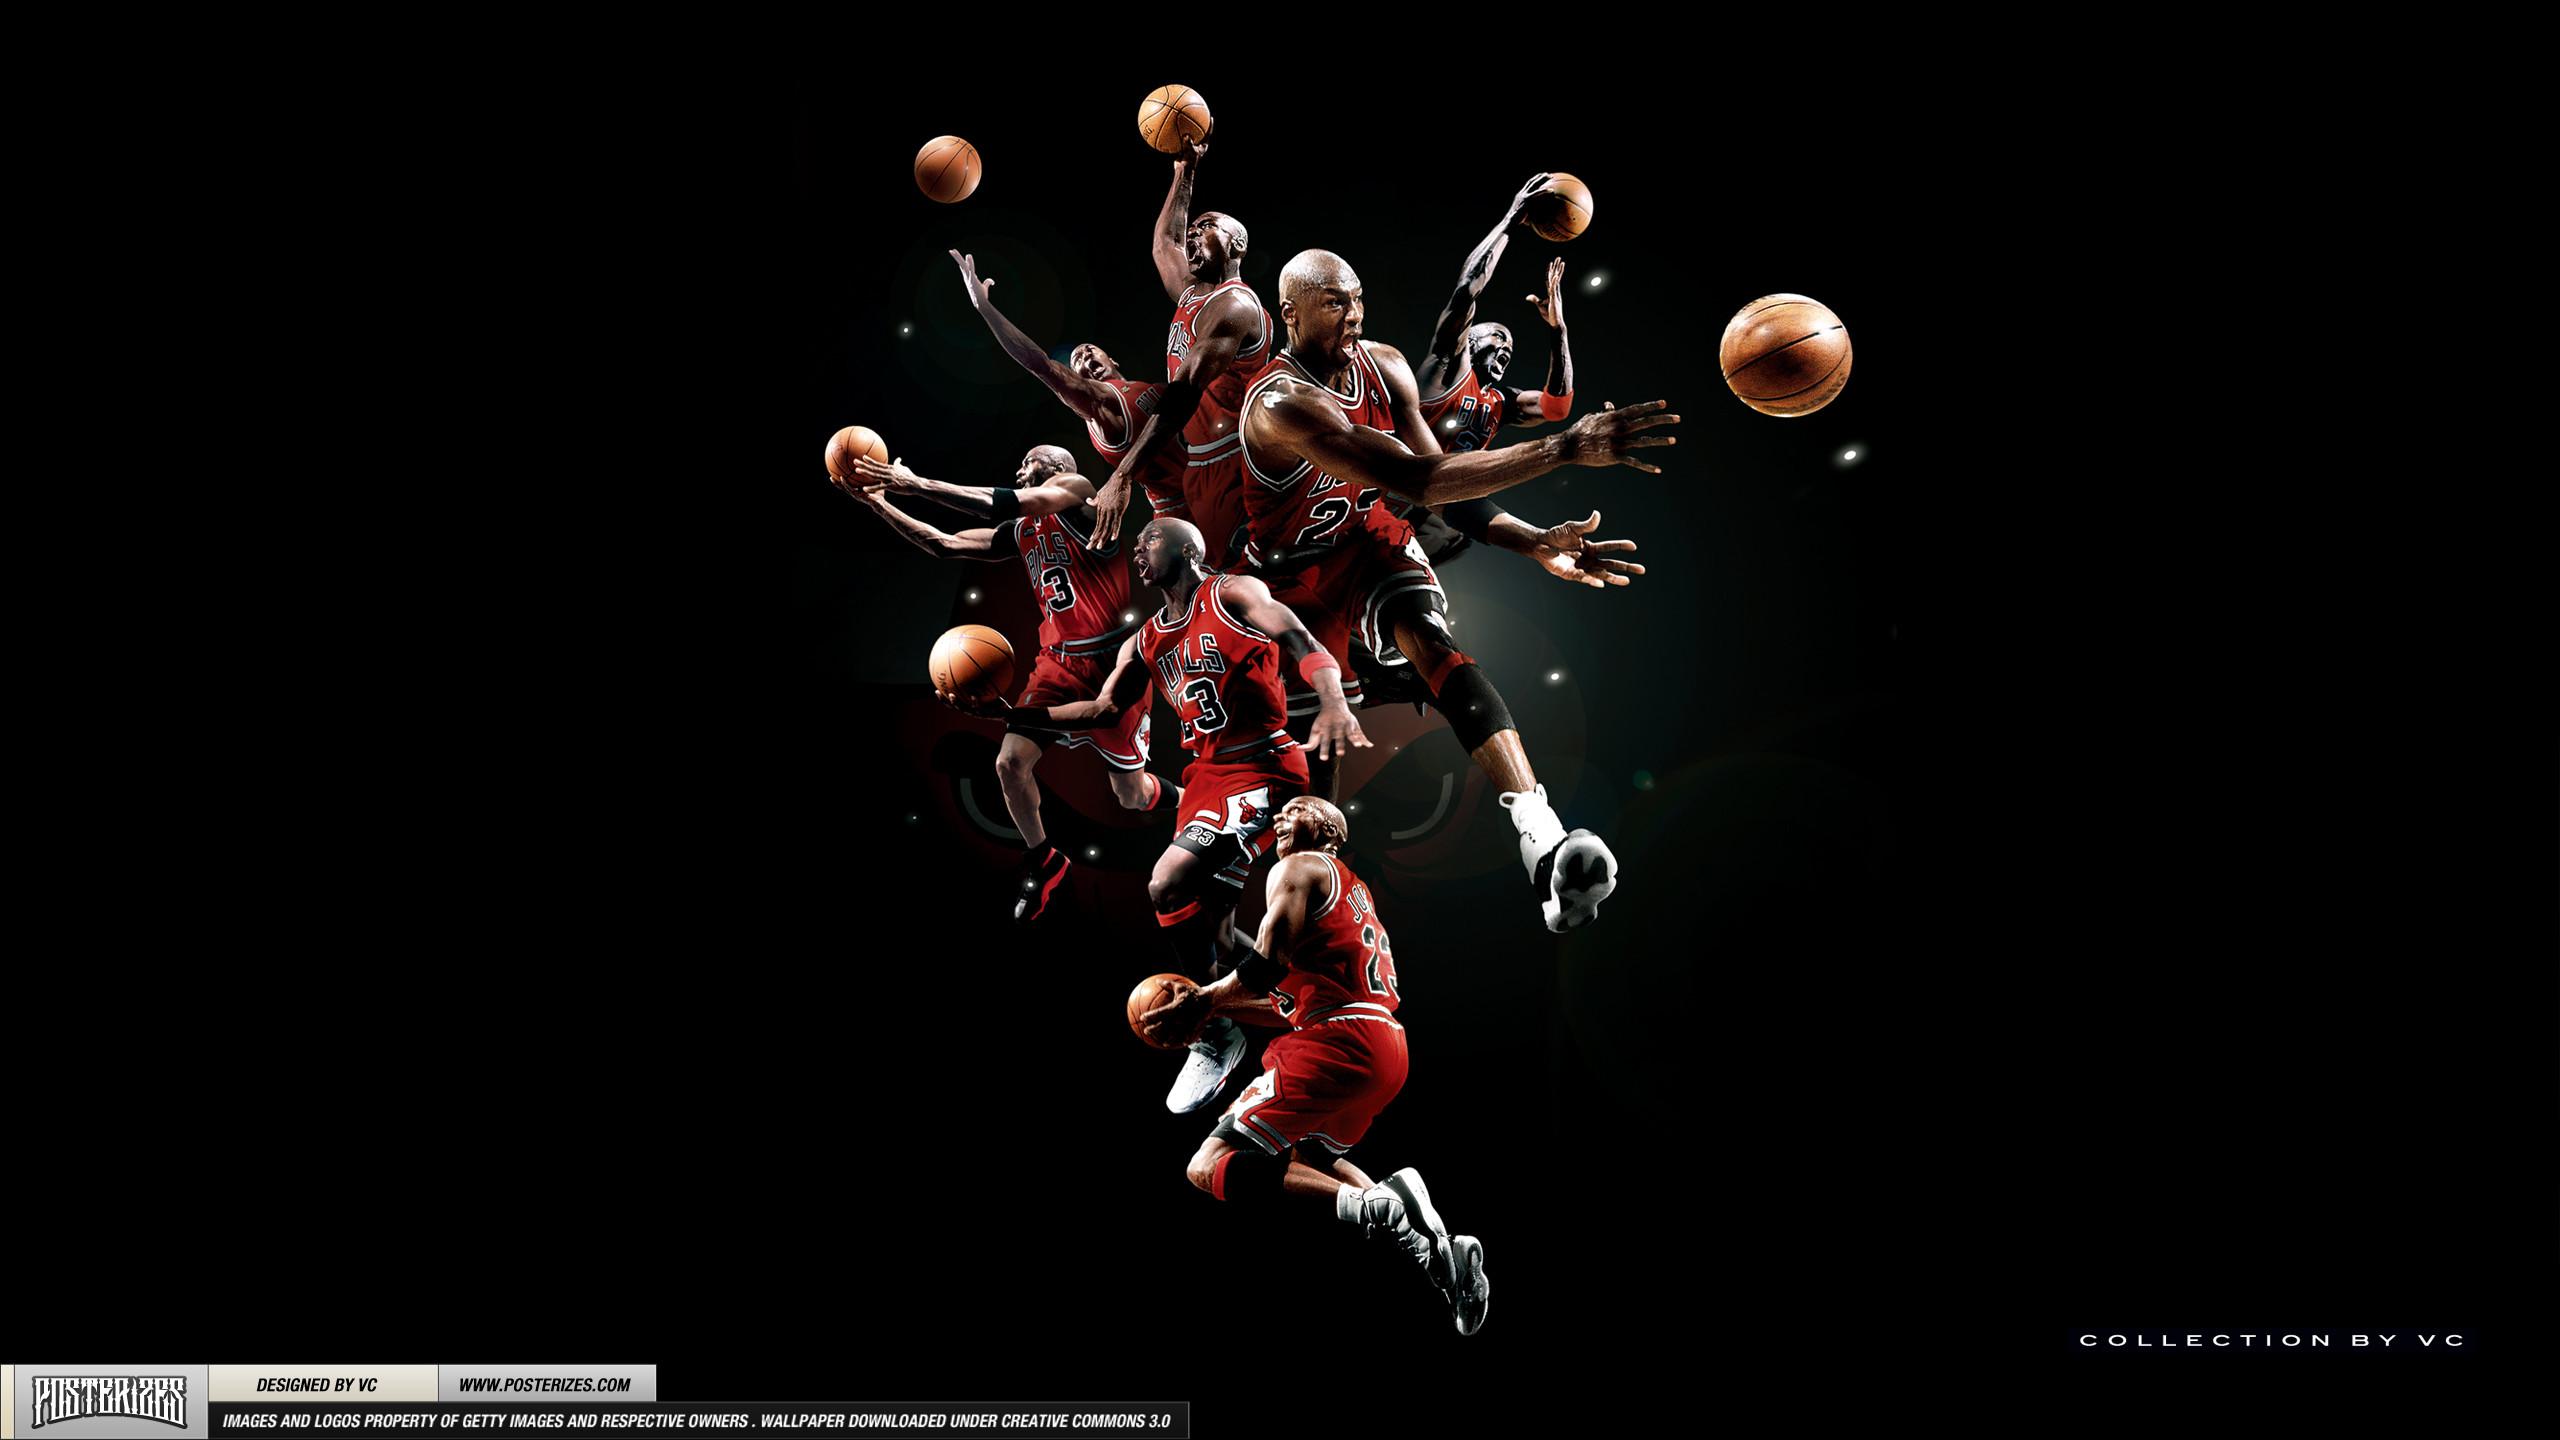 Air Jordans Wallpaper 83 Pictures